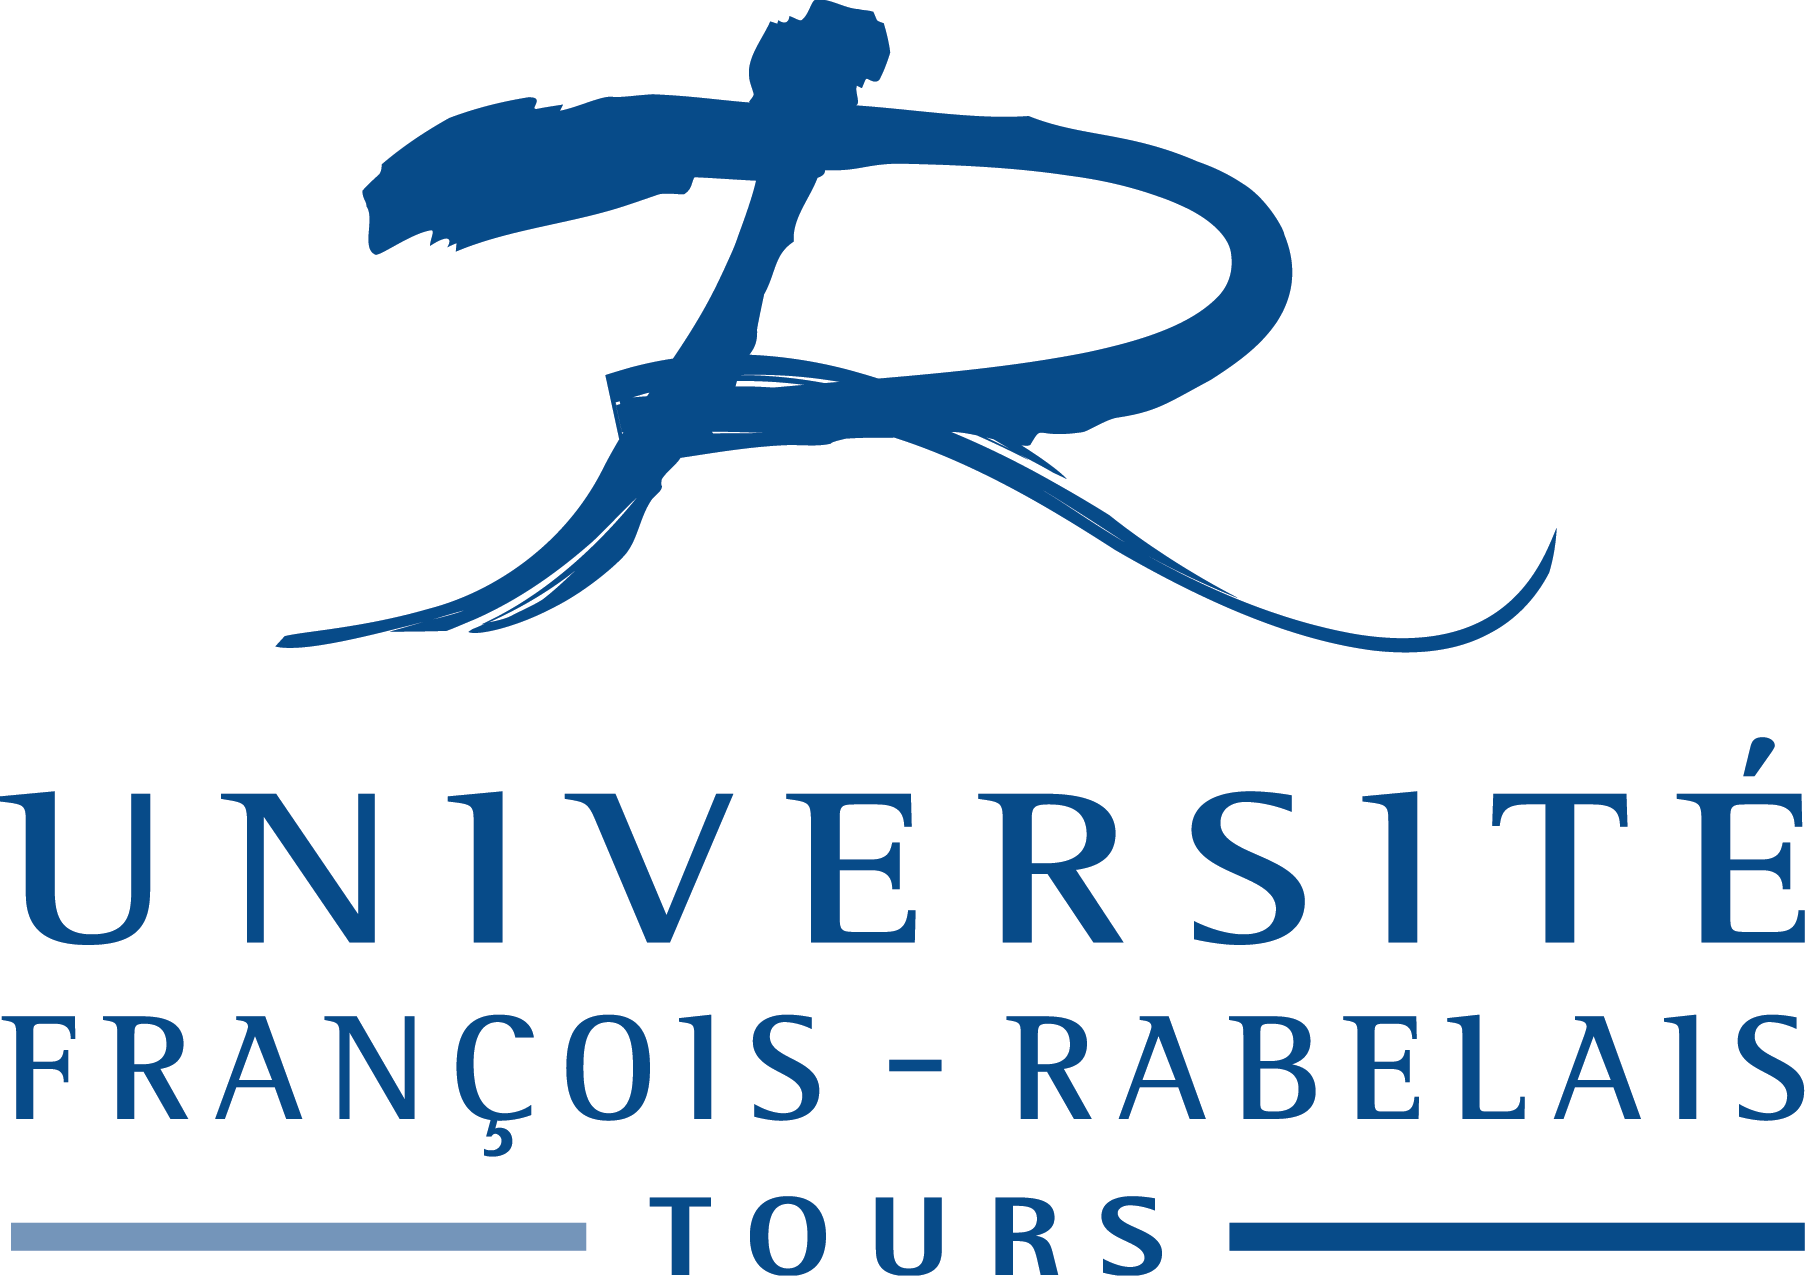 Université François-Rabelais